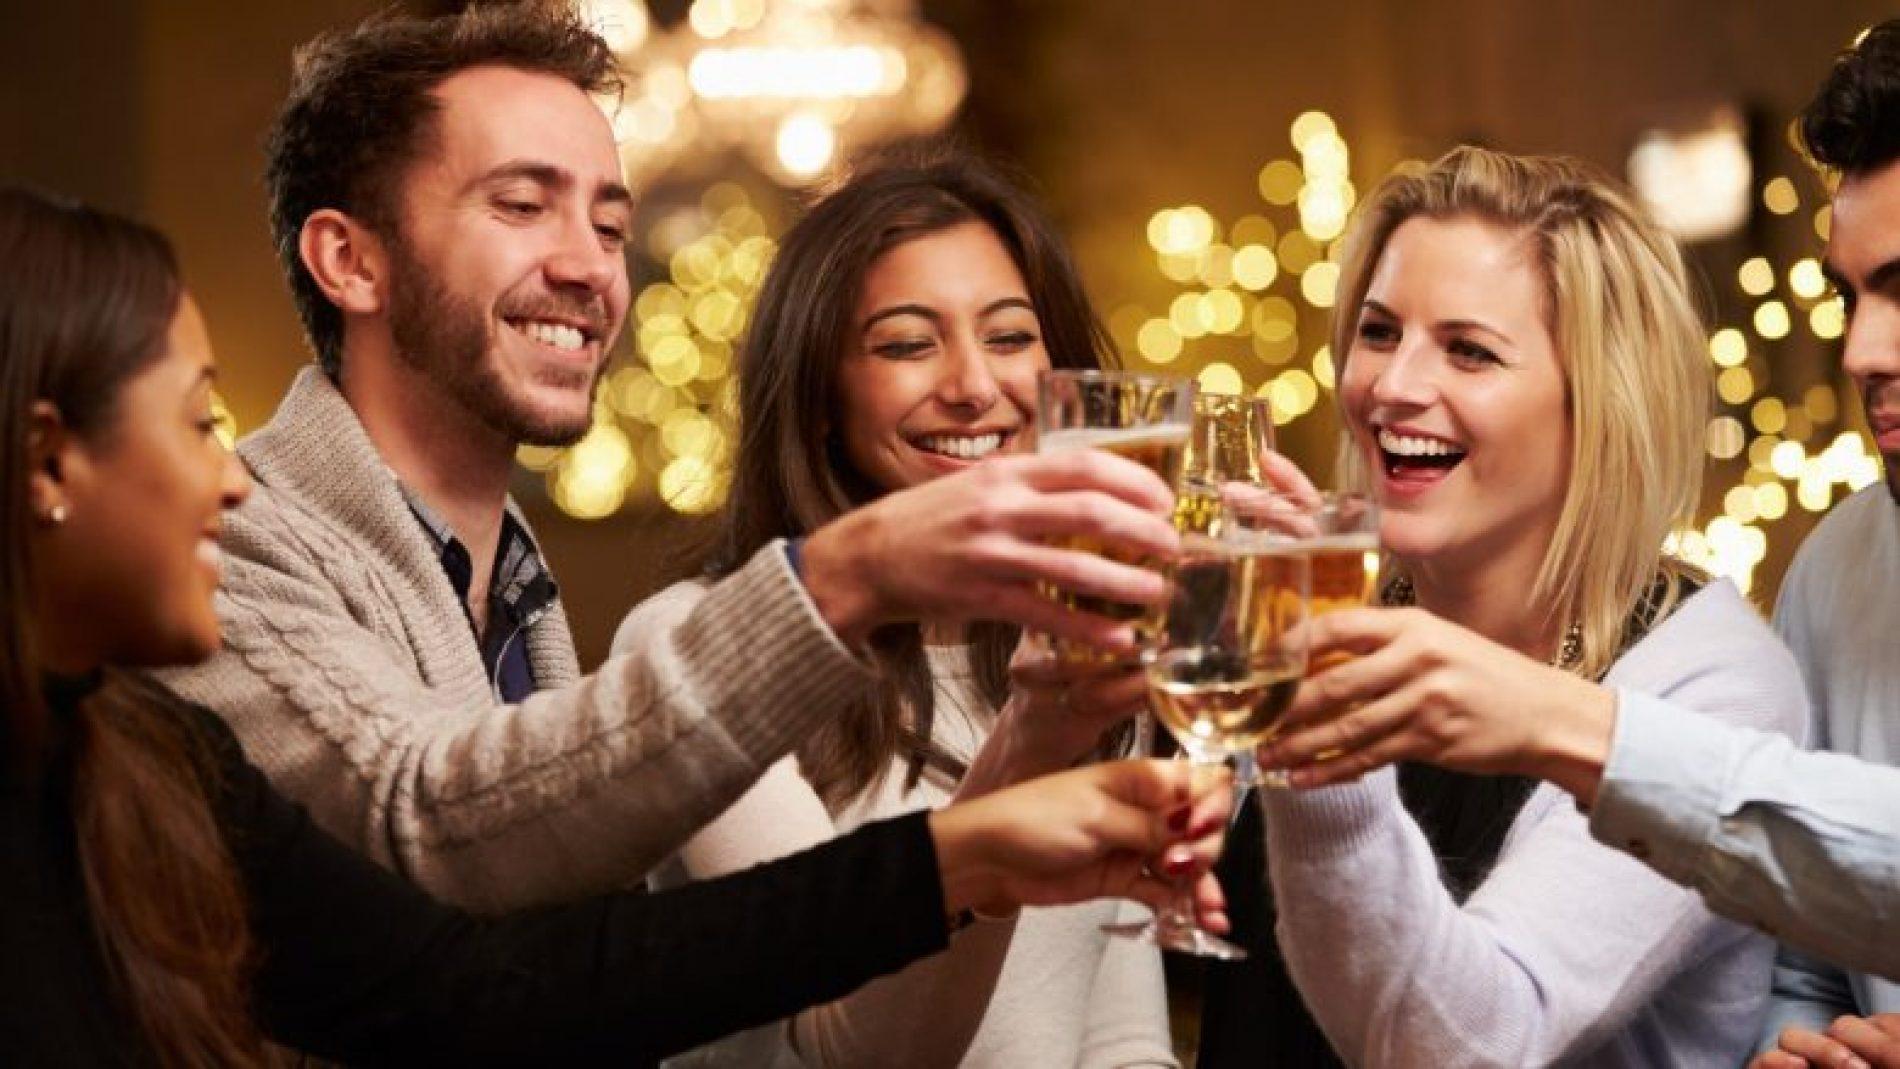 Rreziqet e fshehta të konsumit të alkoolit, të cilat çdo person i injoron